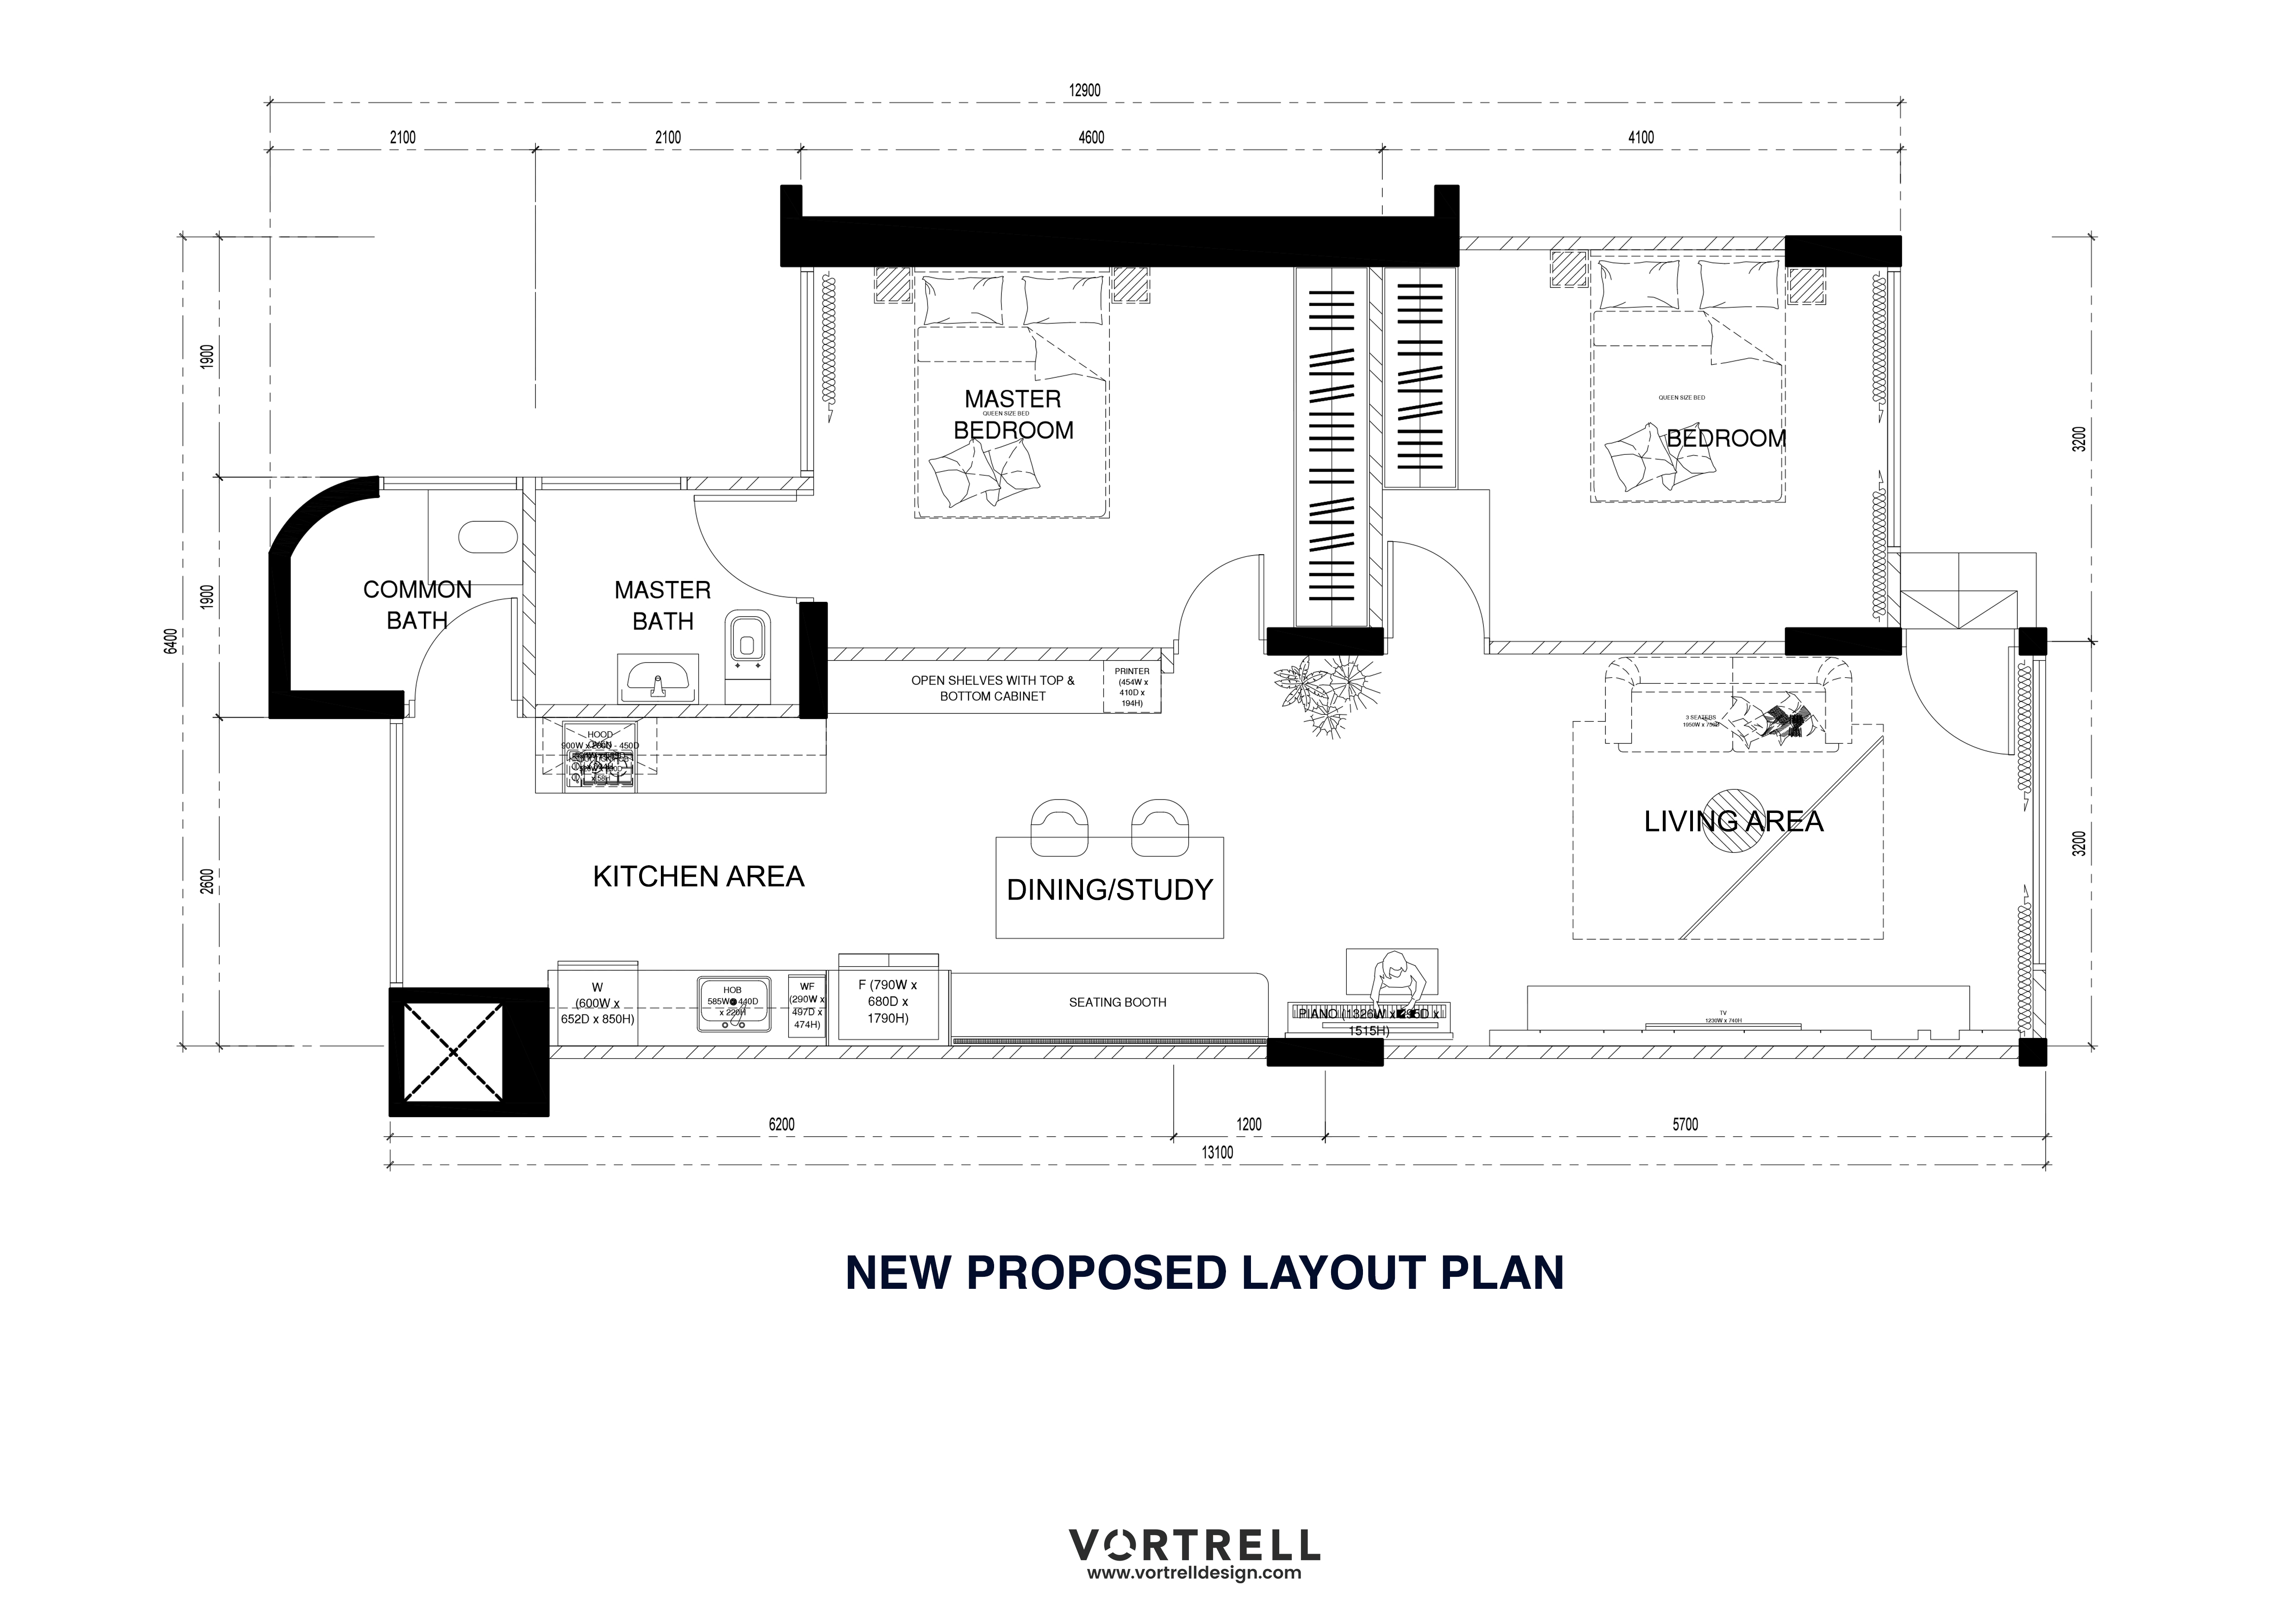 Propose Layout Plan